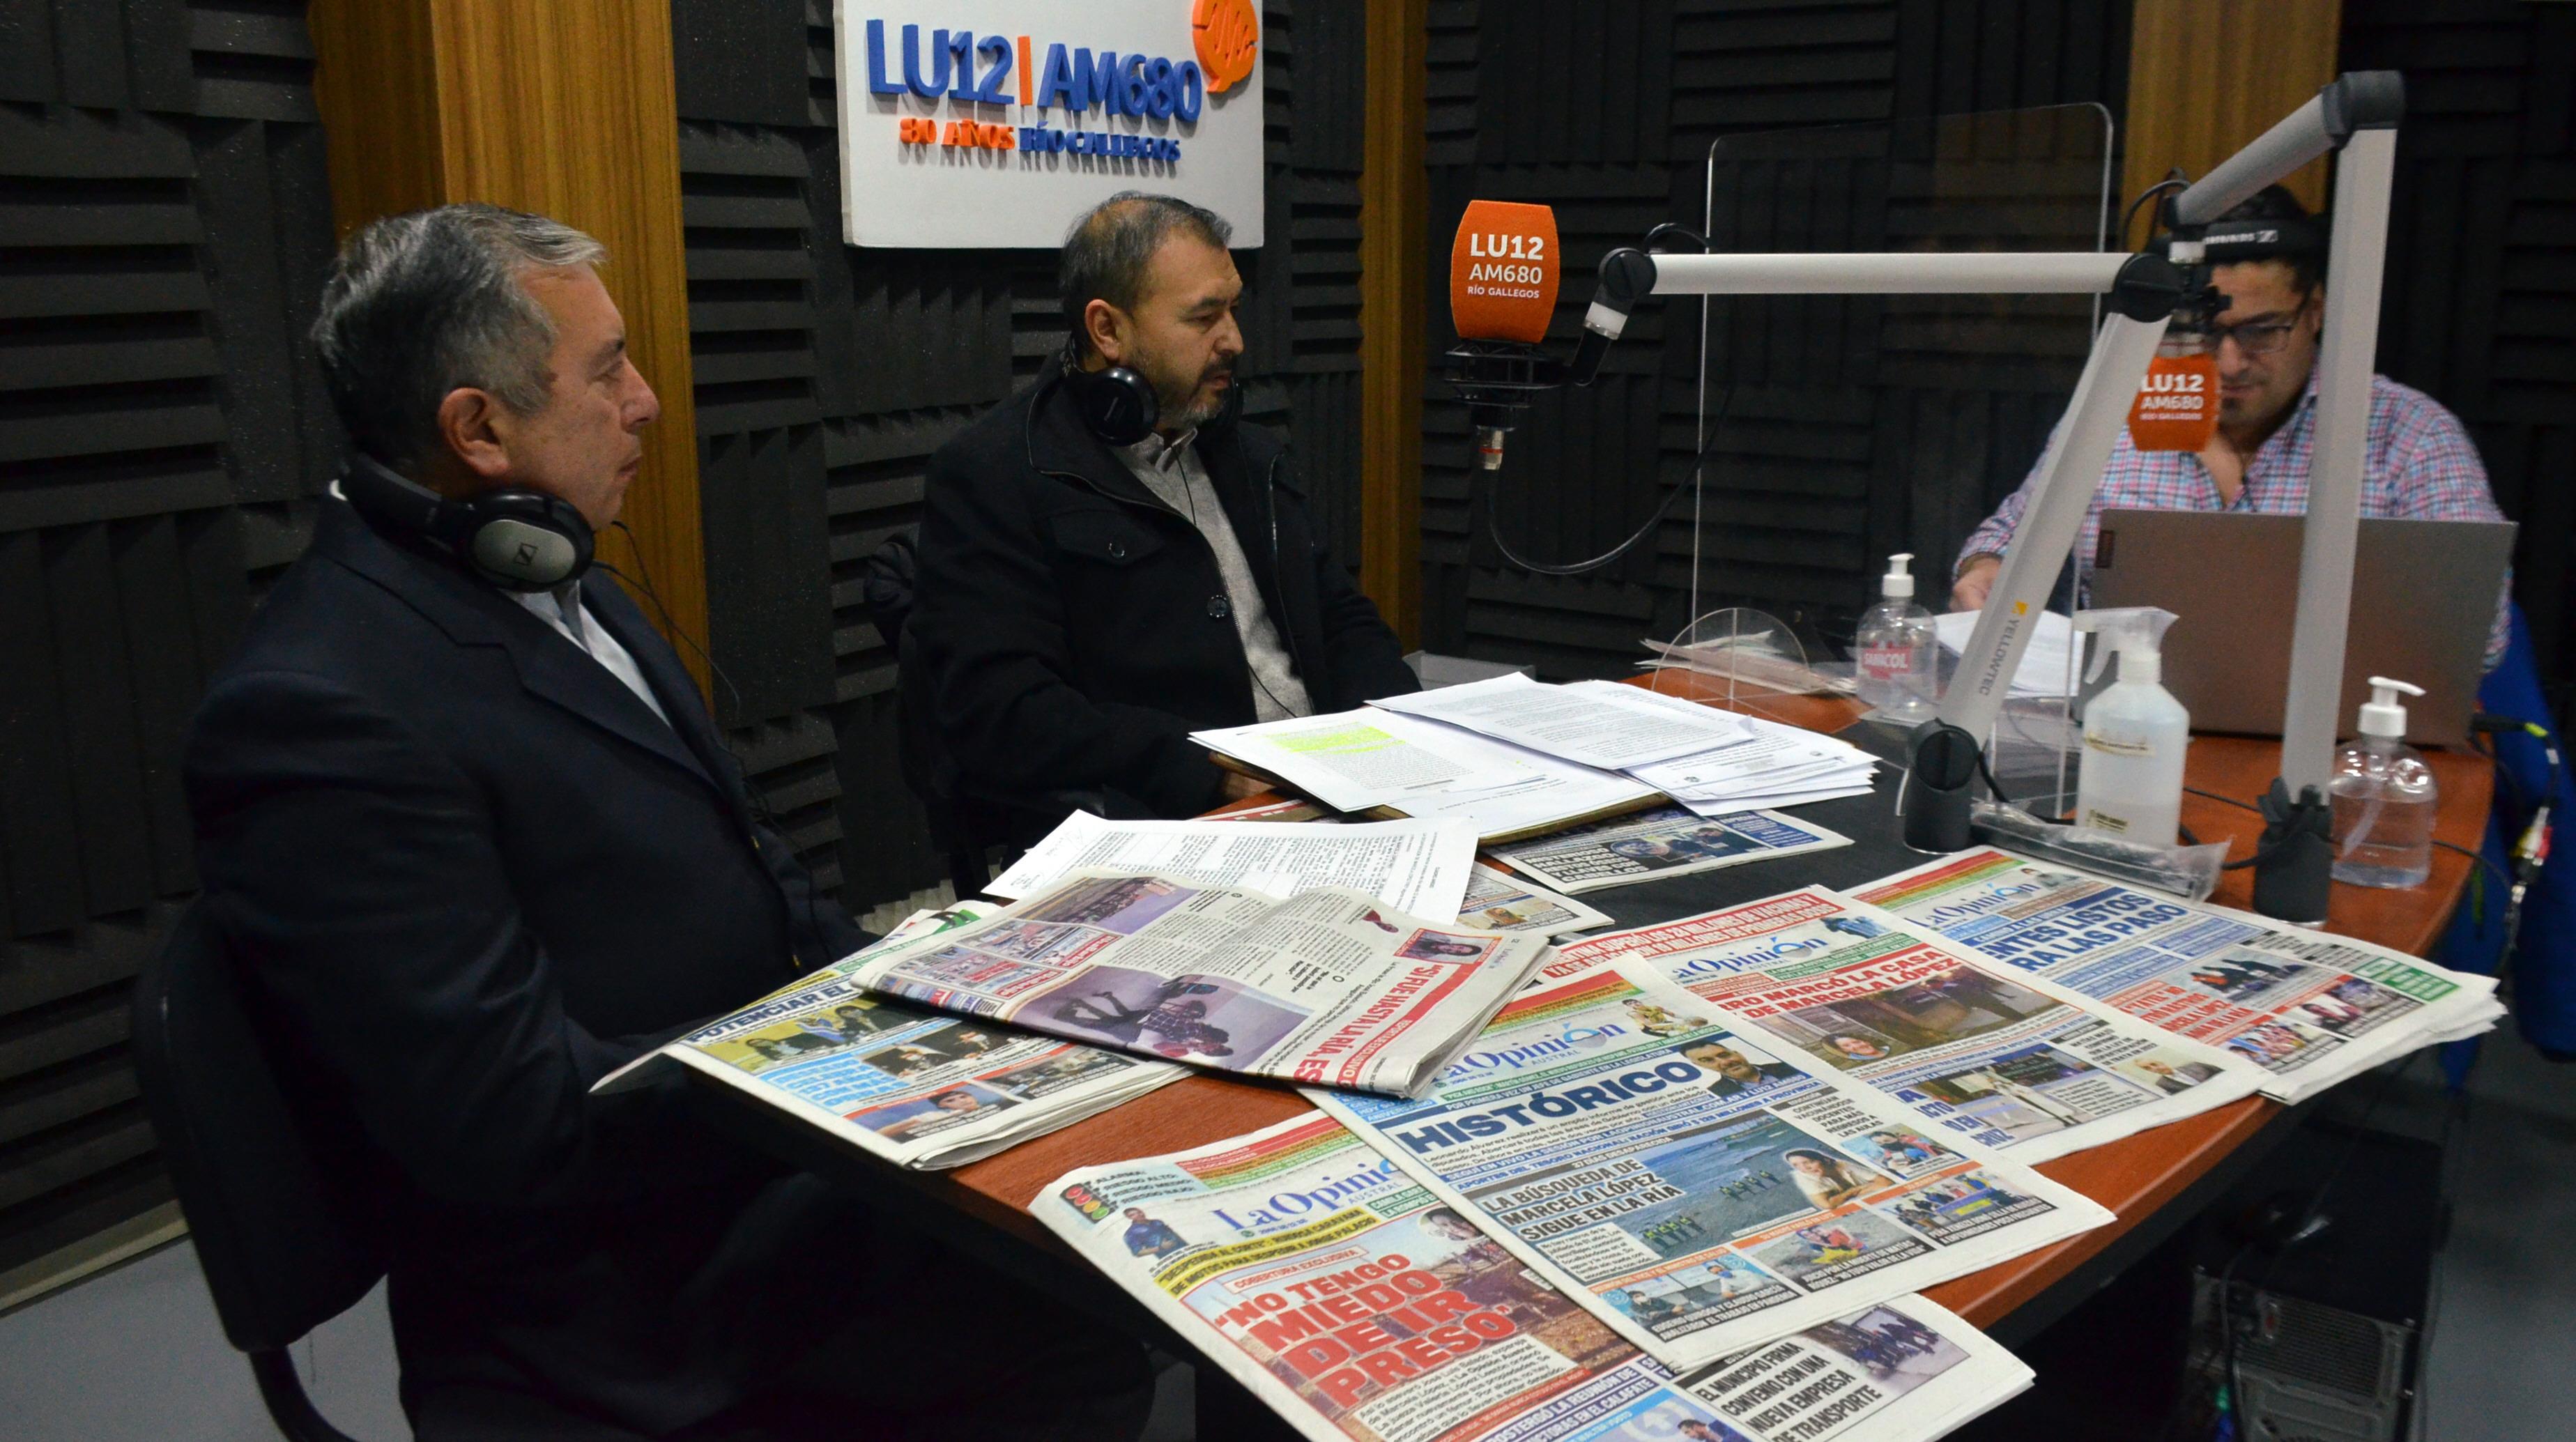 Al aire. Hugo Ortiz y Roberto Leserovich en los estudios de LU12 AM680, junto a Ángel Vargas. FOTO: JOSÉ SILVA / LA OPINIÓN AUSTRAL